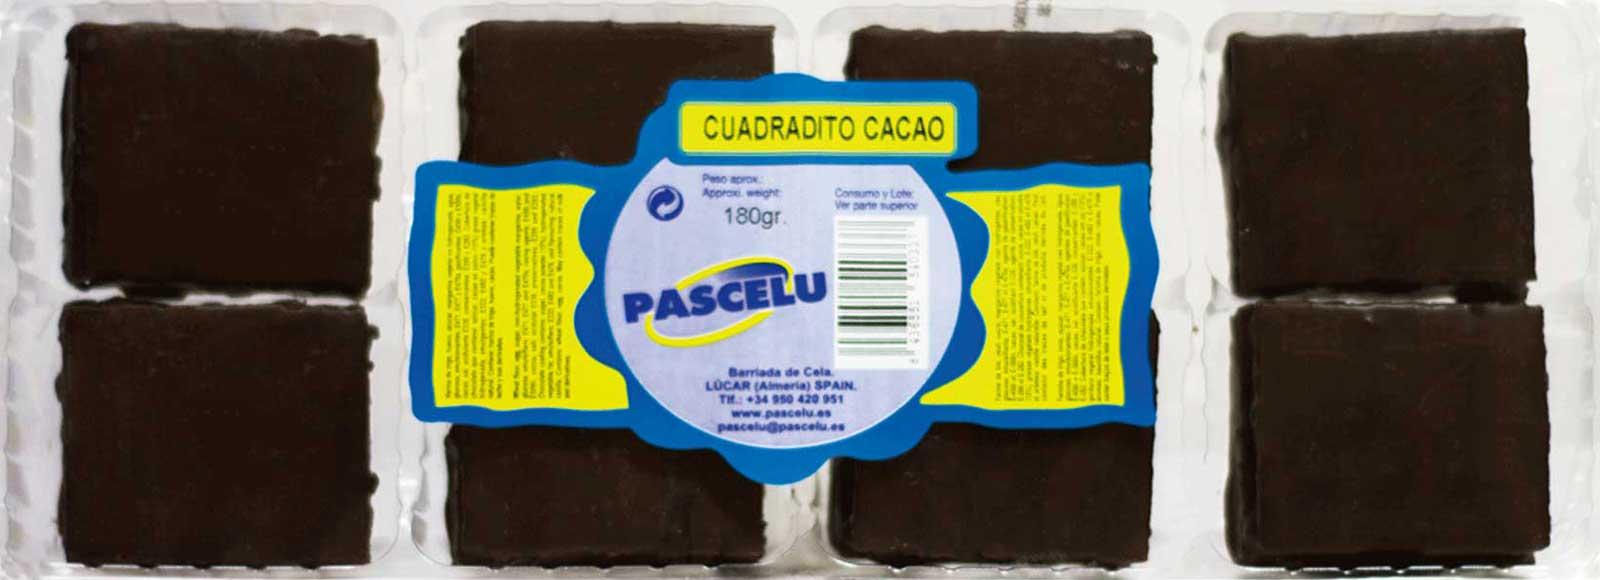 Cuadraditos Cacao